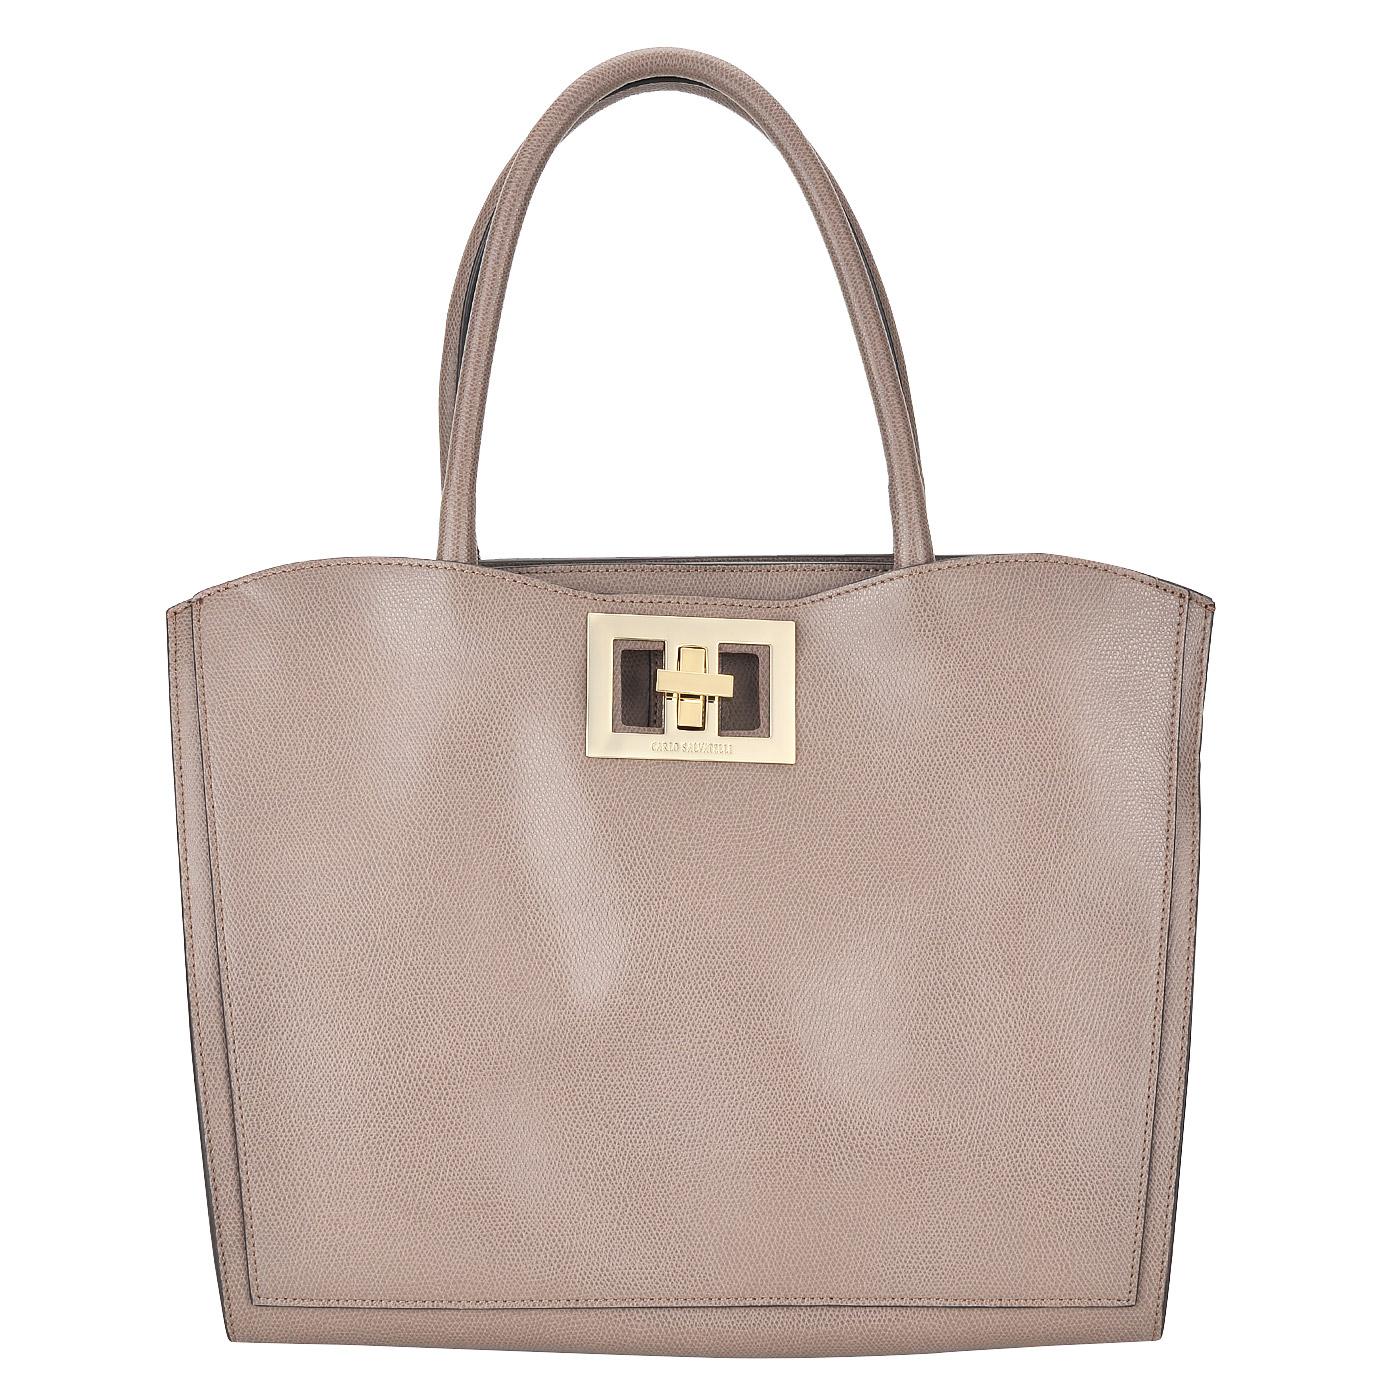 СумкаКлассические сумки<br>Закрывается на молнию. Внутри два кармана на молнии и кармашек для мелочей. Снаружи на передней стенке сумки карман.<br><br>count_sale: 0<br>new: 1<br>sale: 0